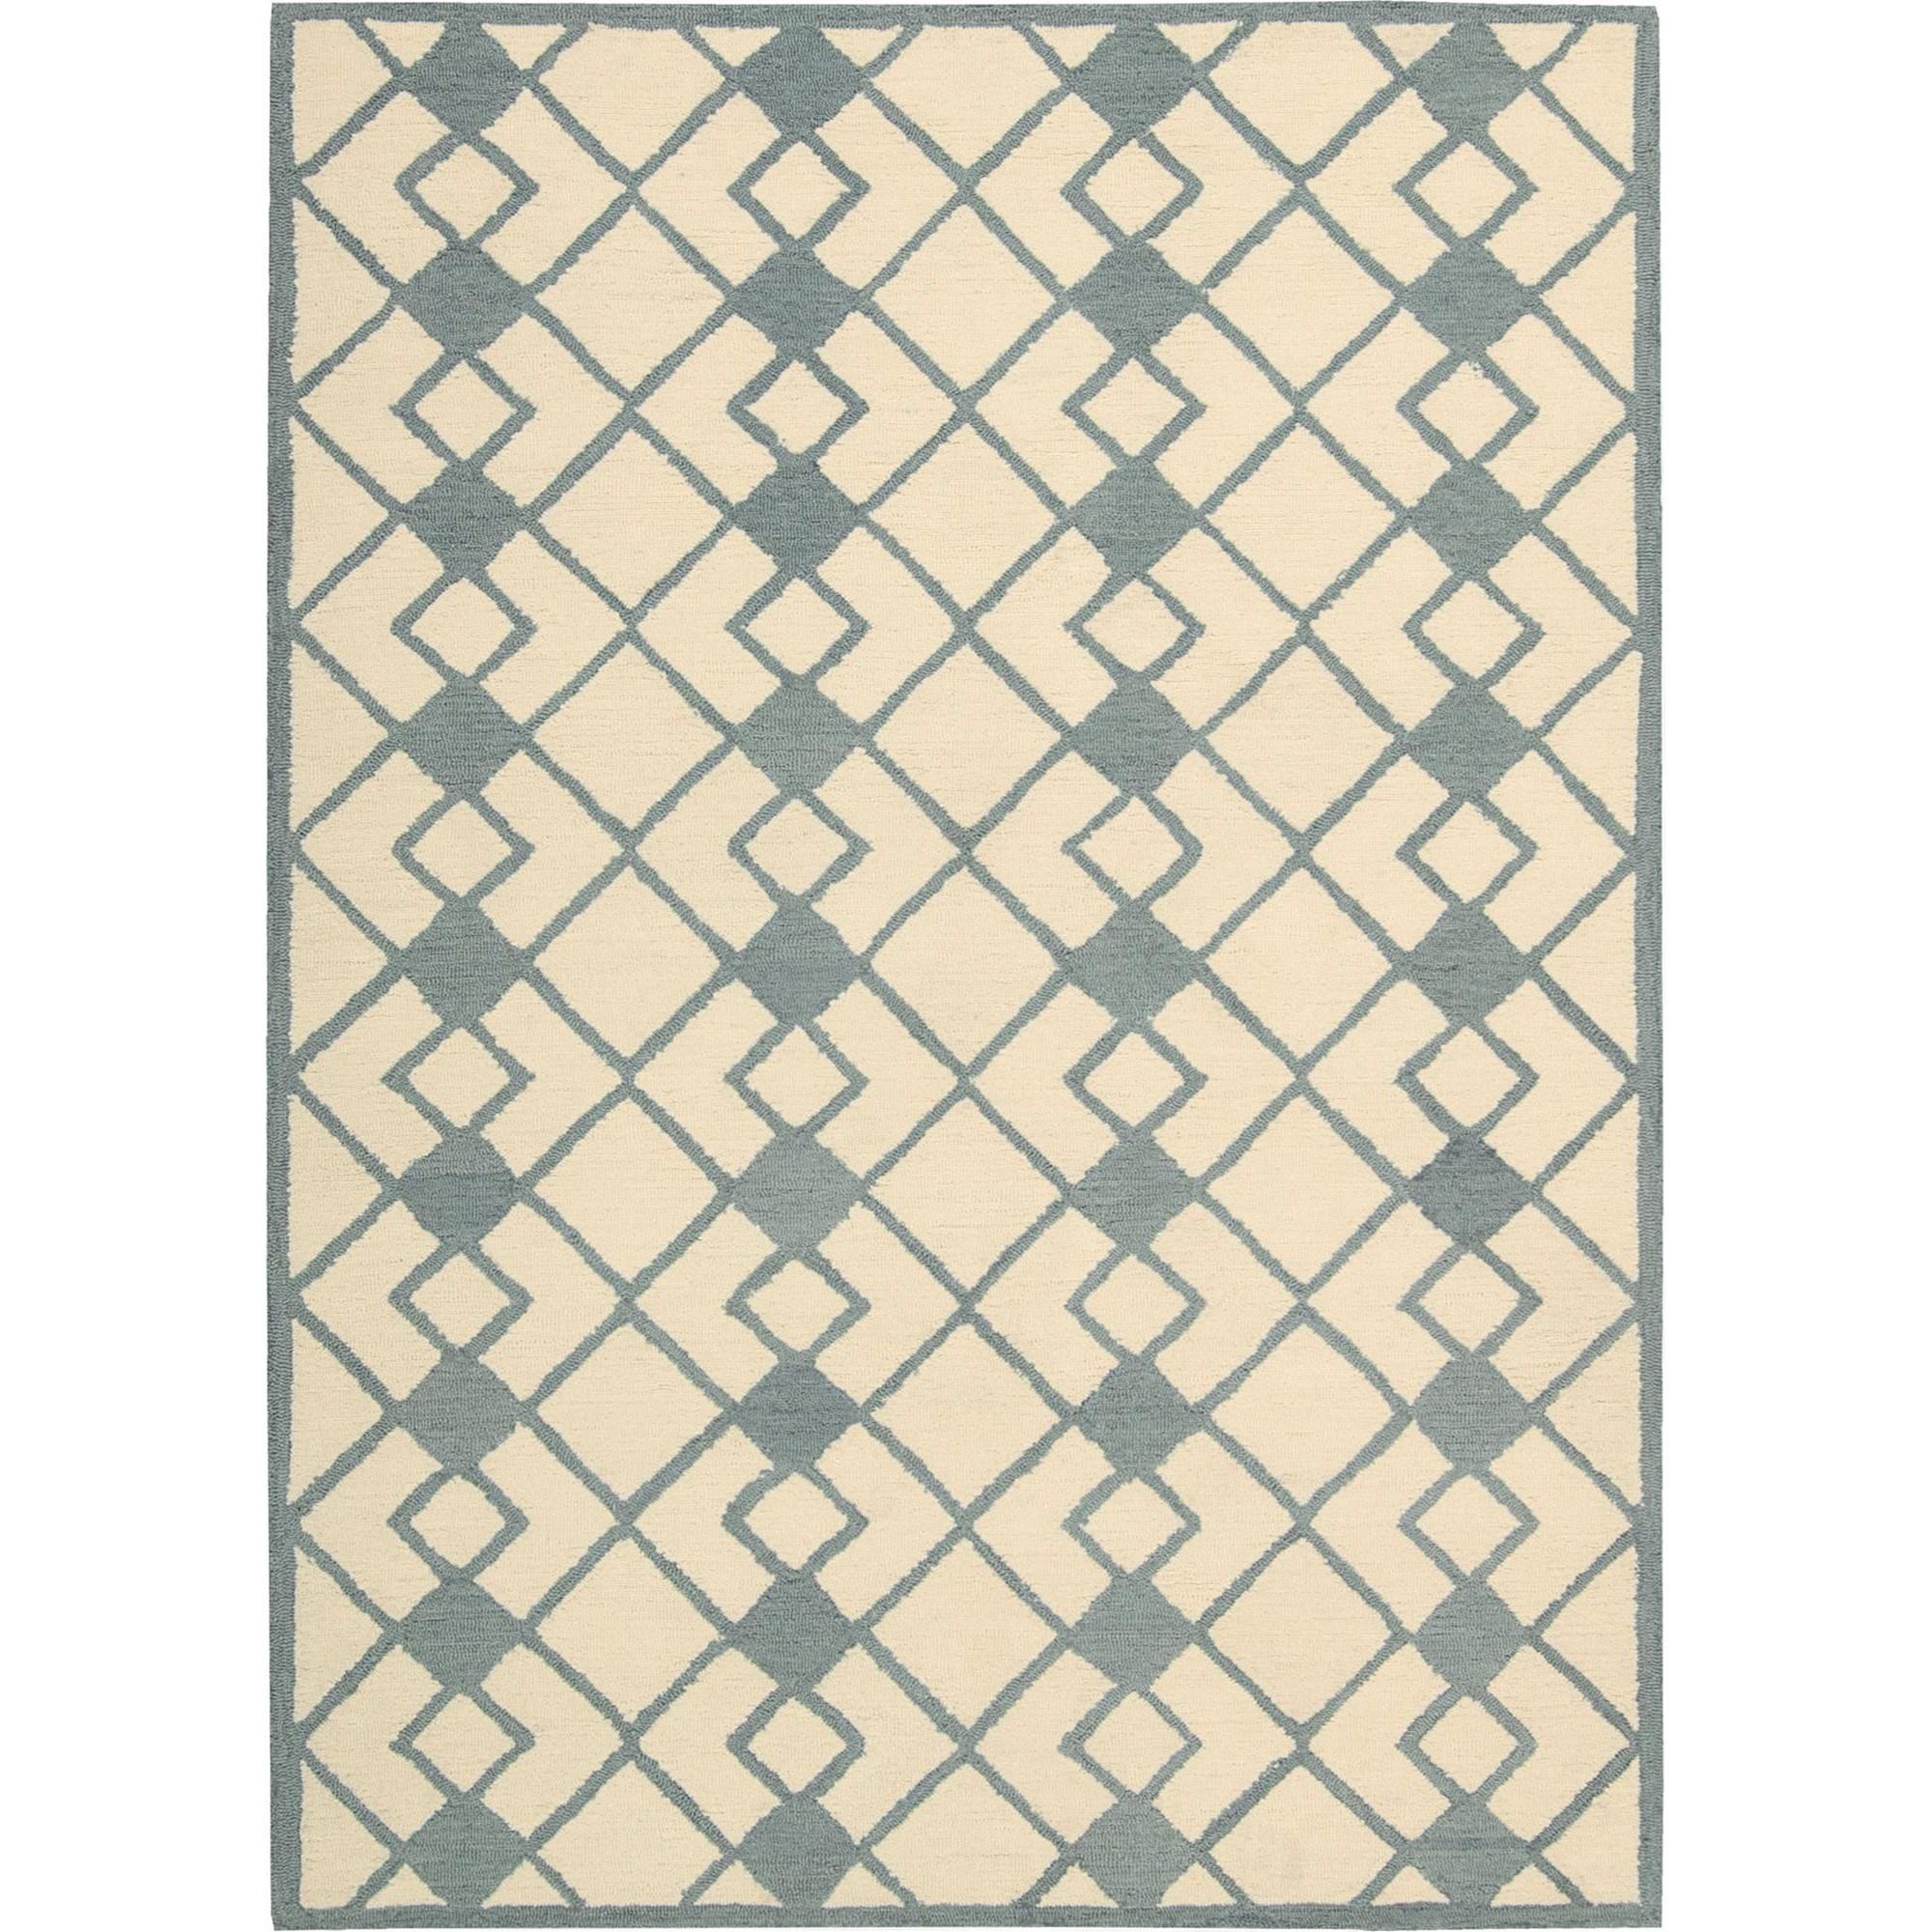 Nourison Decor 8' x 10' Ivory Blue Area Rug - Item Number: 29968